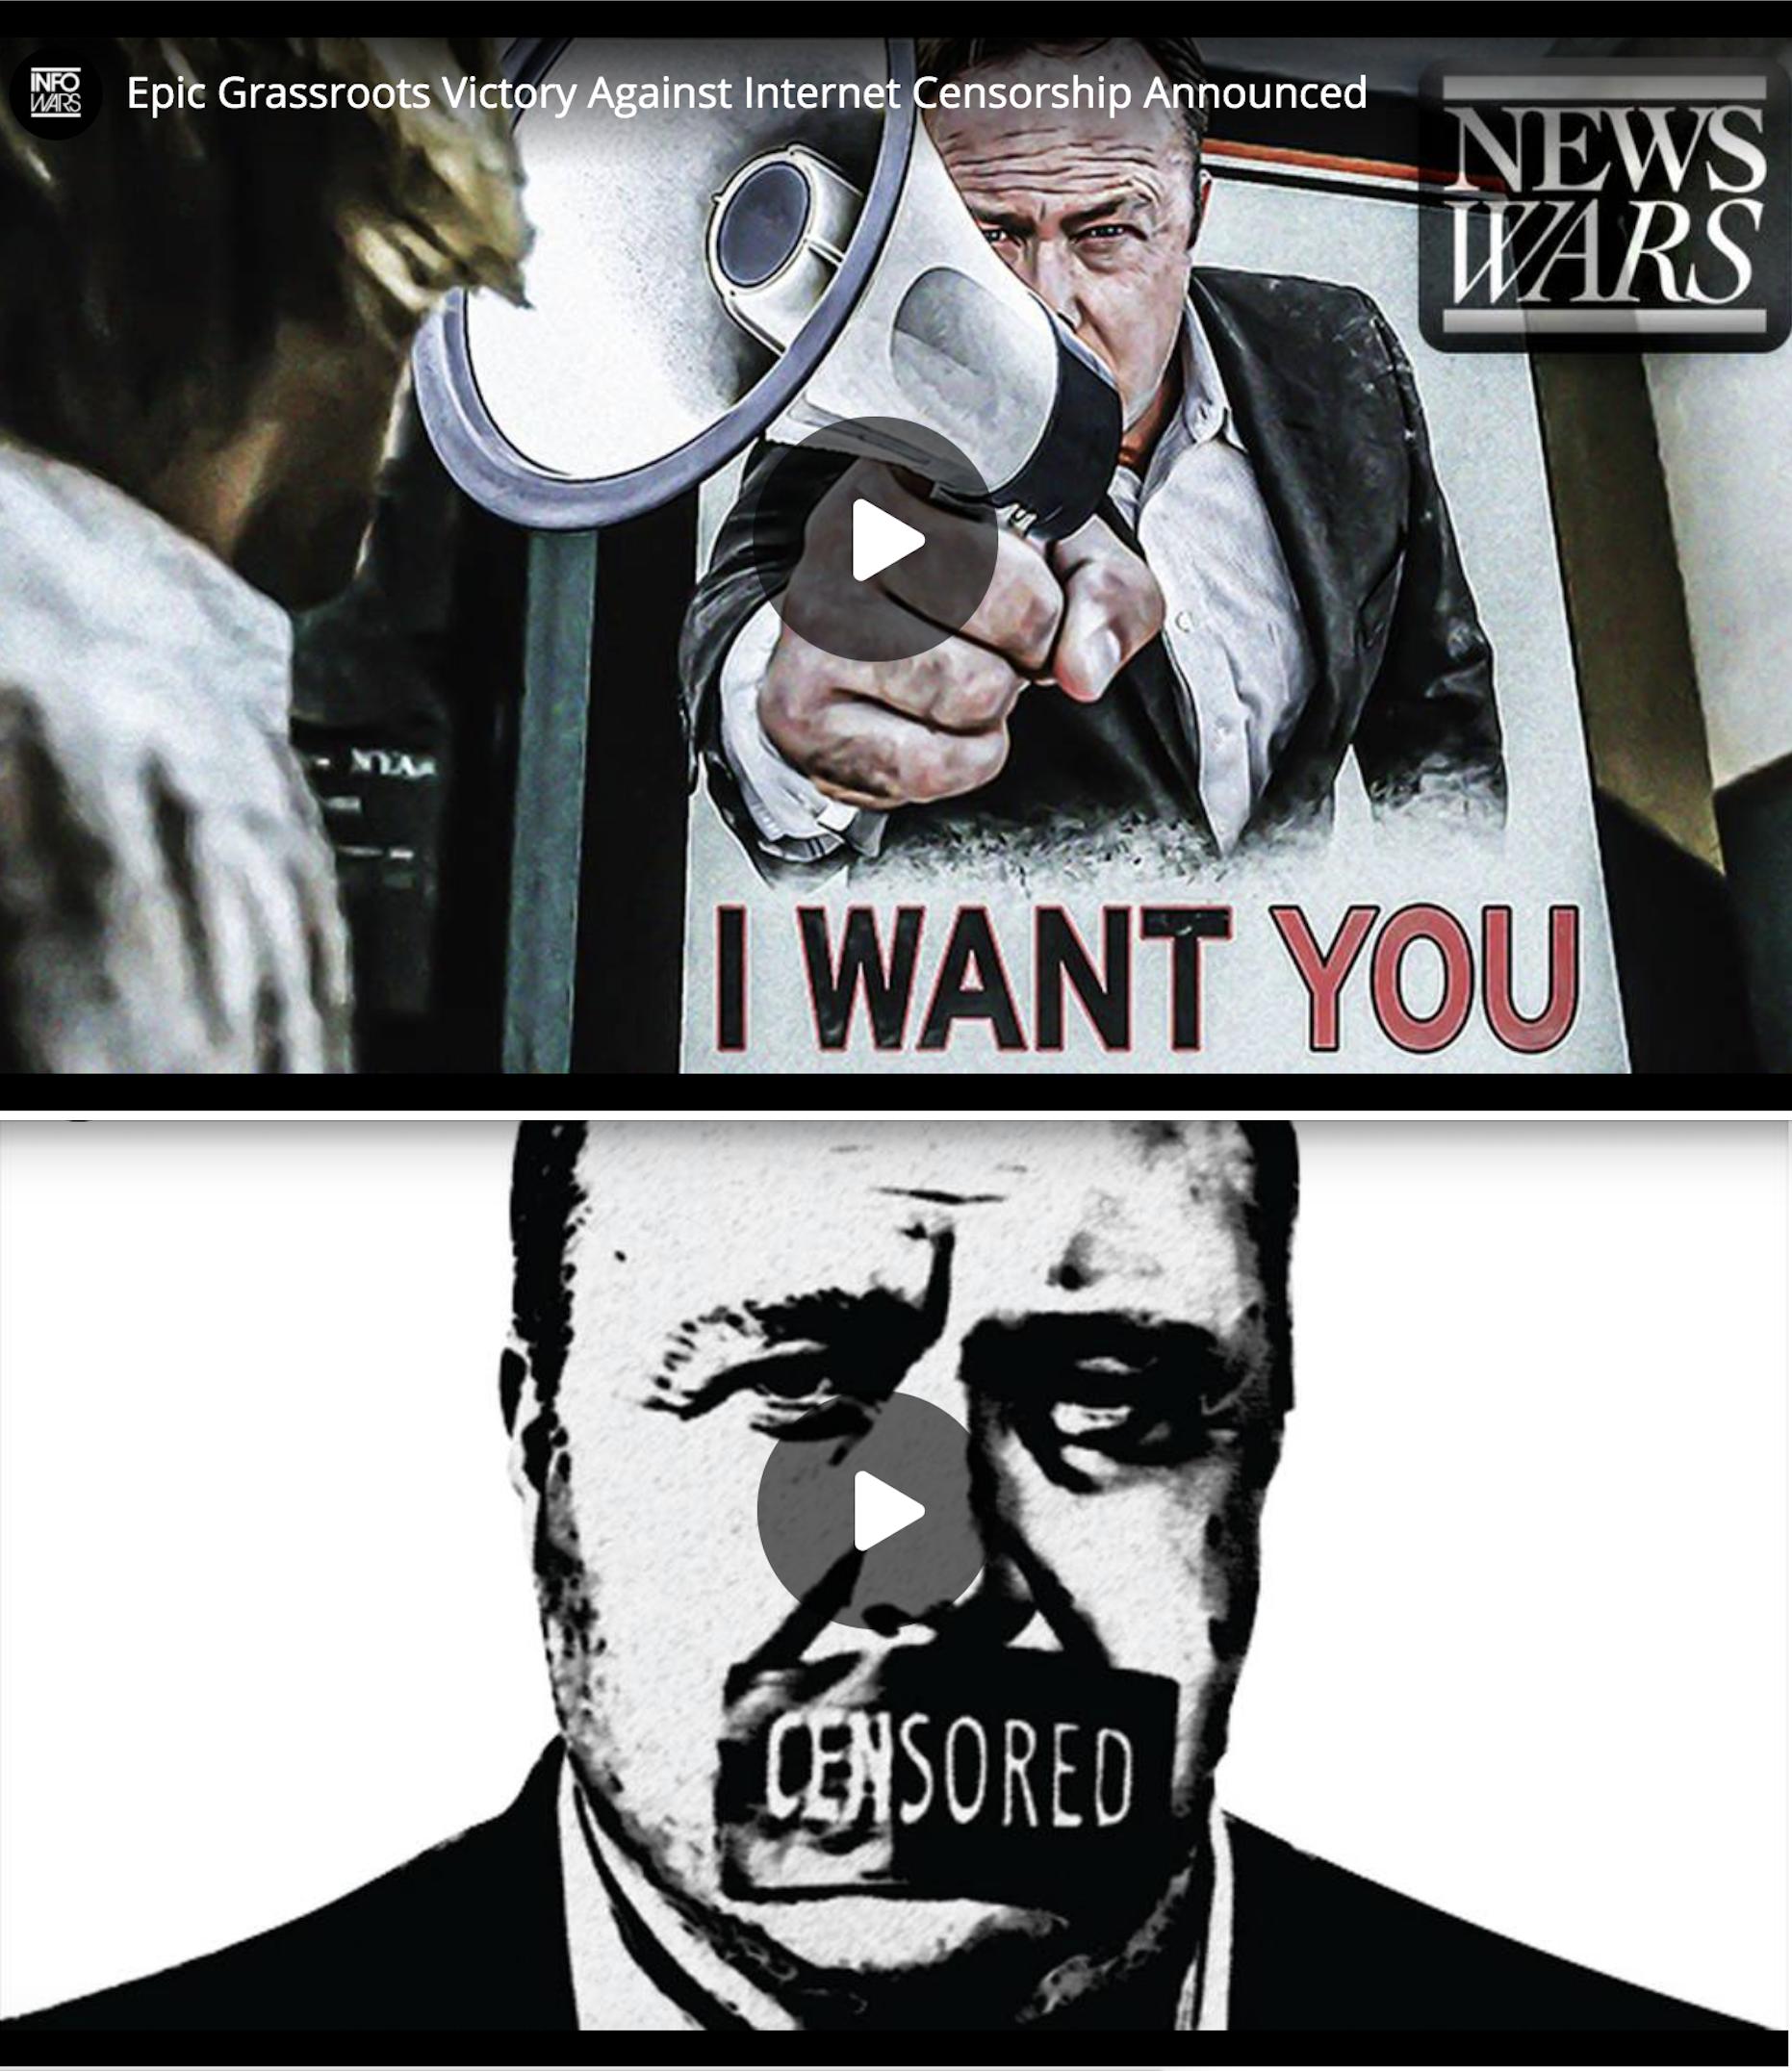 Alex Jones Infowars Free Speech Contest Winners 7 11 19 5 29 2020